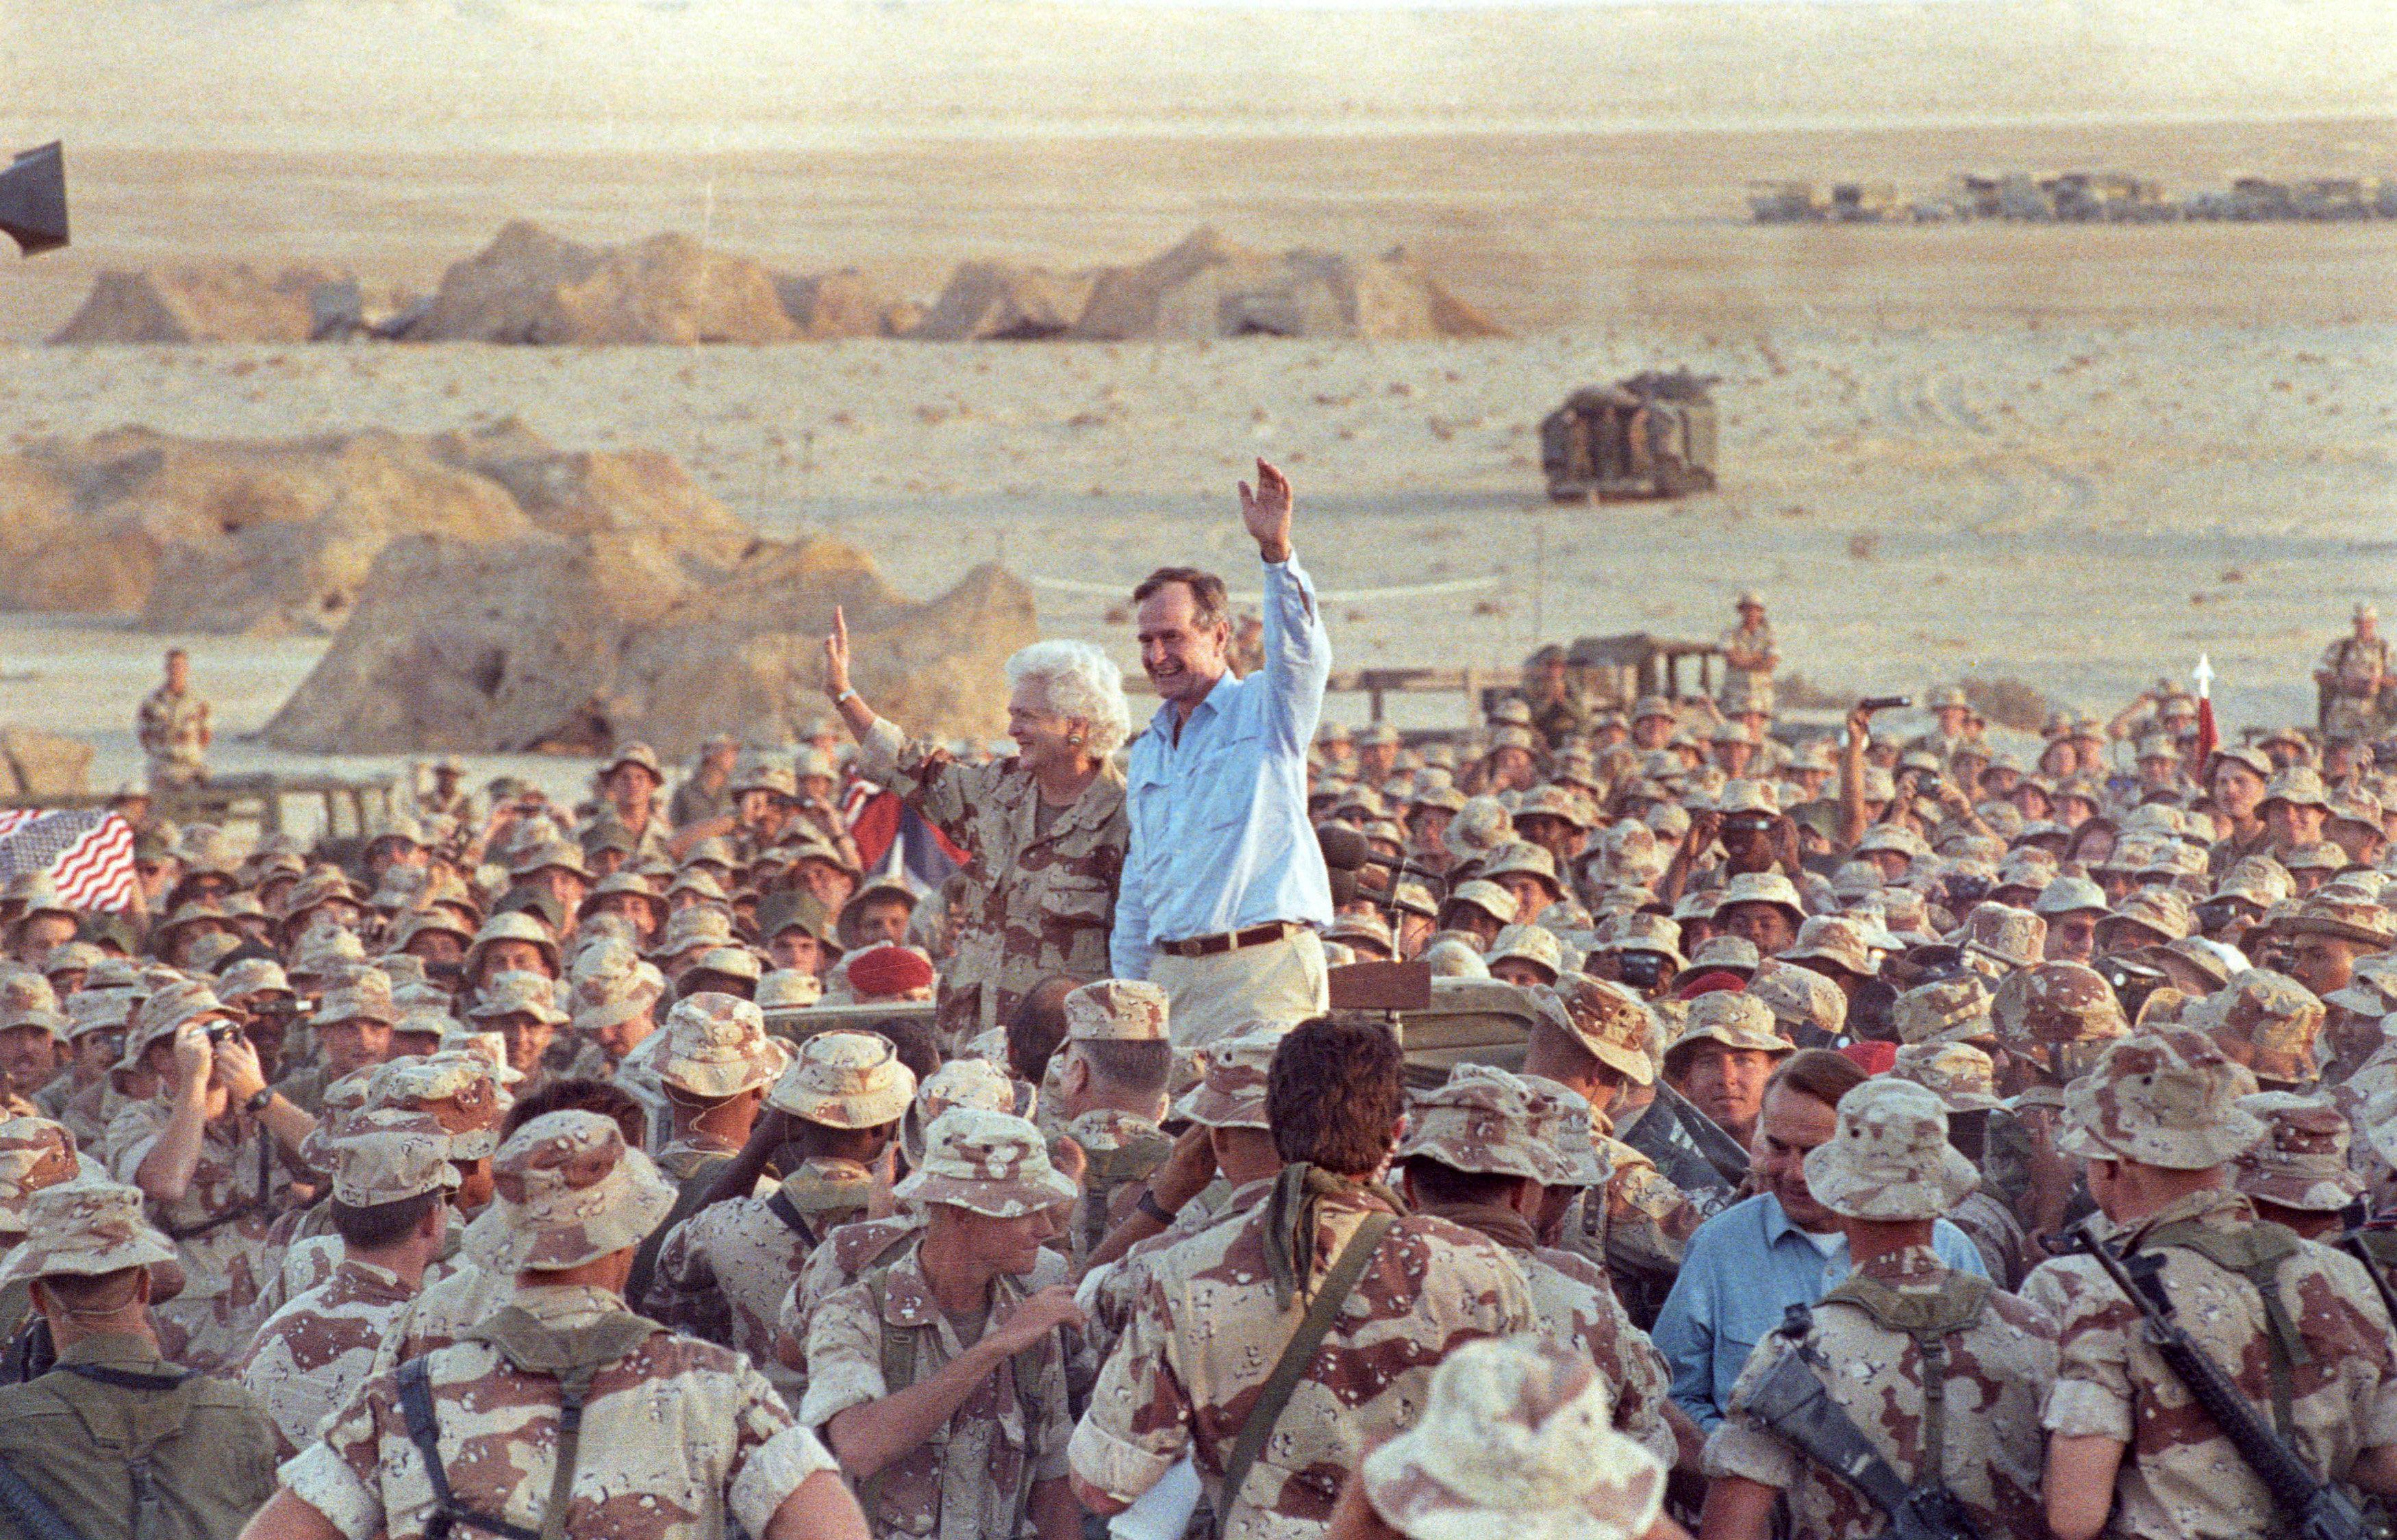 George H. W. Bush waves saluda aMarines and members, luego de las celebraciones del de Día de Acción de Graciasen el desierto saudita el 22 de noviembre de1990. (REUTERS/Rick Wilking)